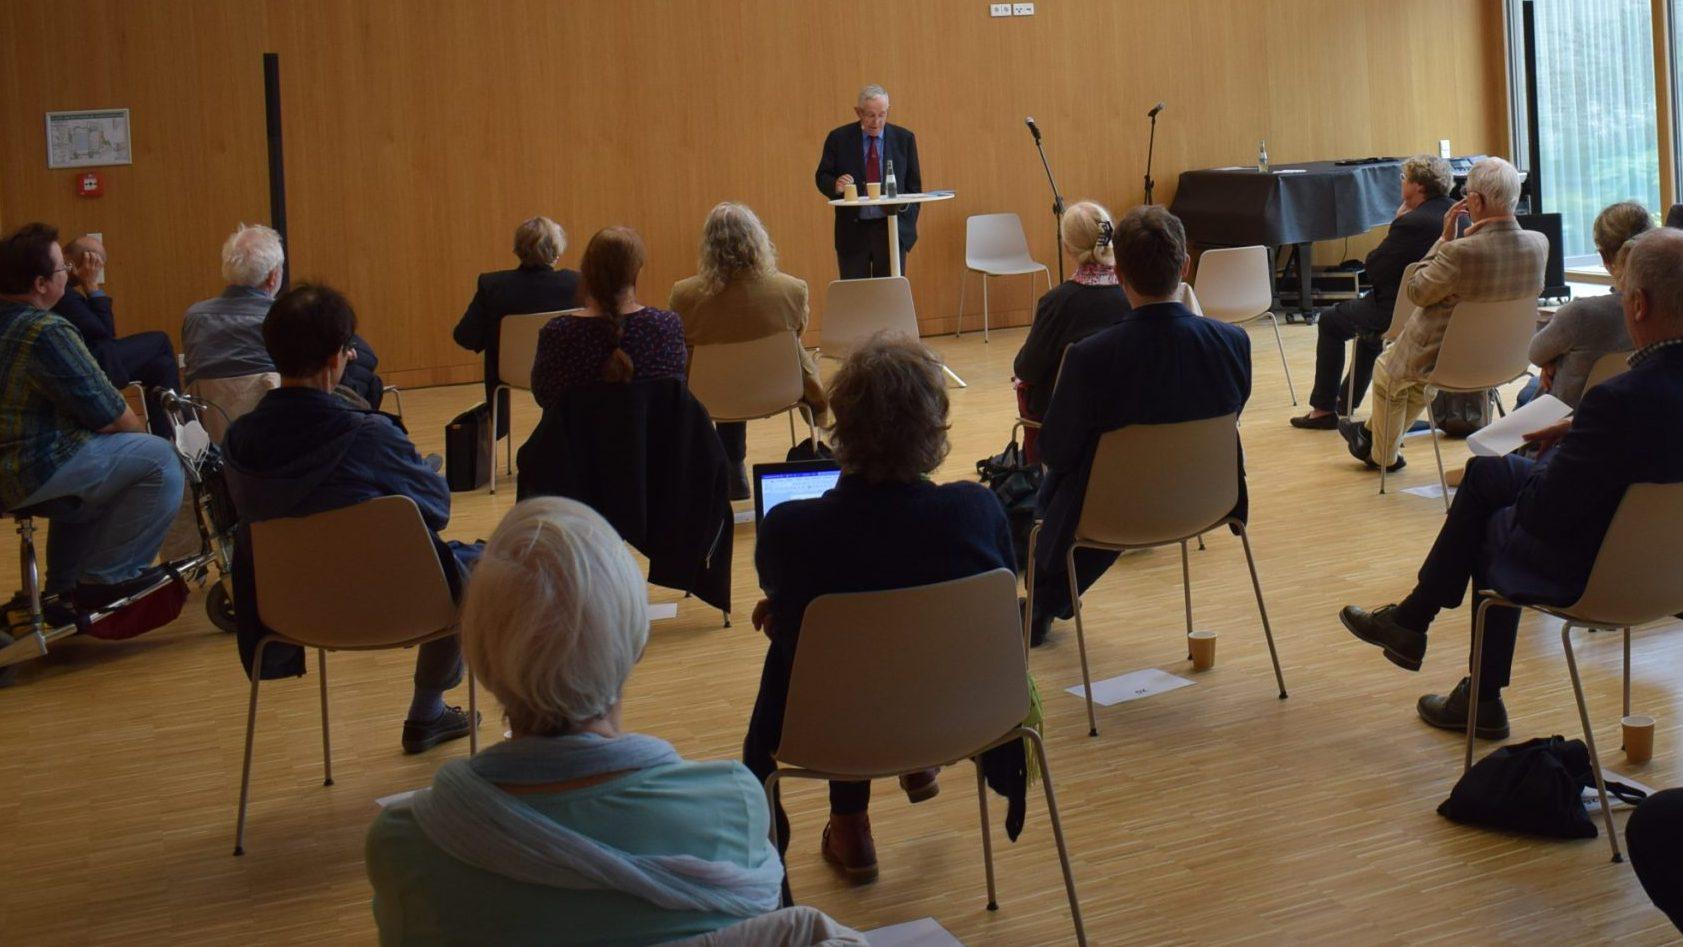 Die Ökumene prägte sein Leben: Symposium im Citykirchenzentrum thematisiert das Wirken Philip Potters